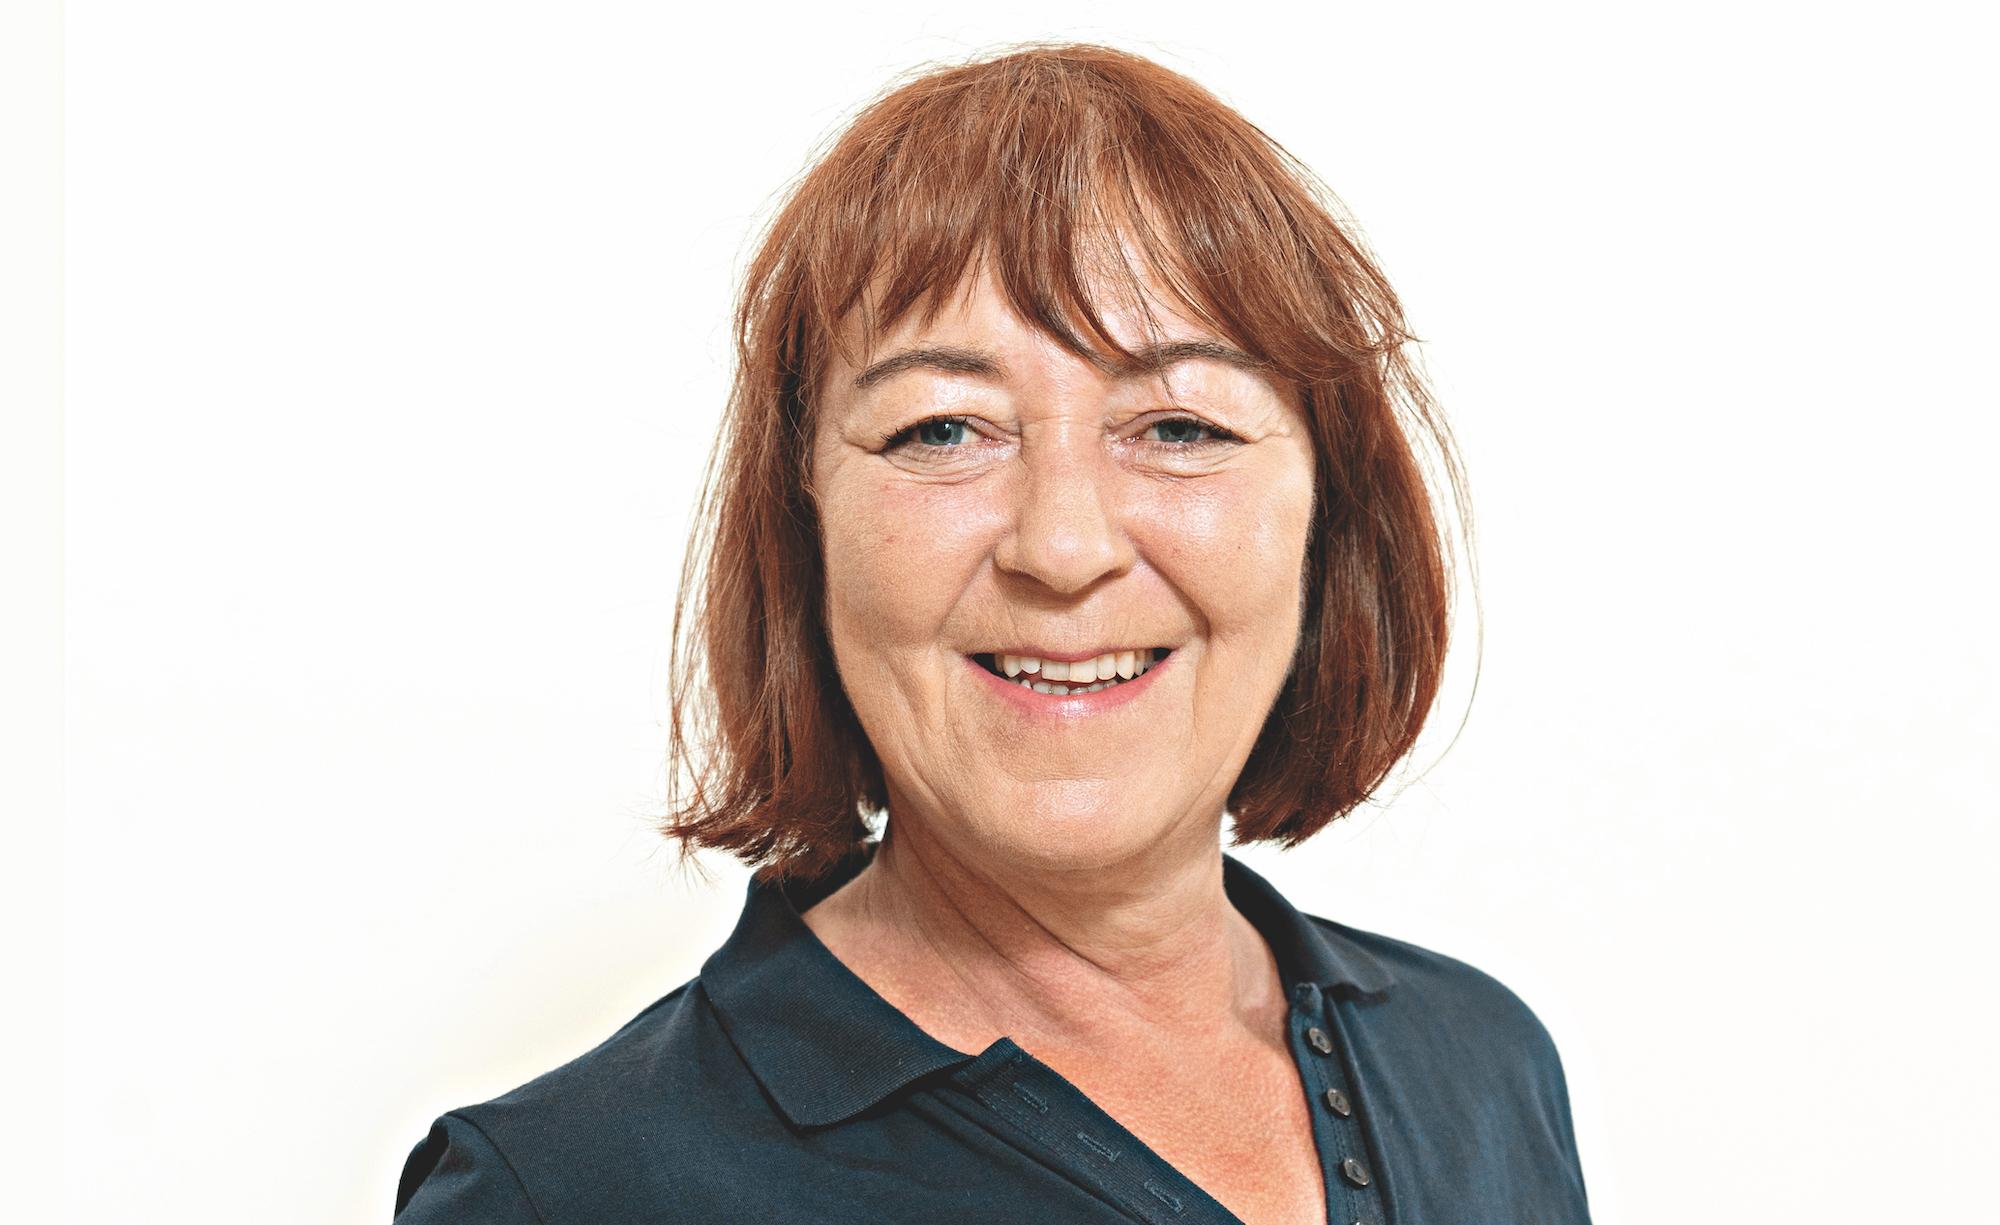 Judith Lederer, Spitzenkandidatin der NEOS für die Bezirksvertretung Floridsdorf. Bild: NEOS/Privat.